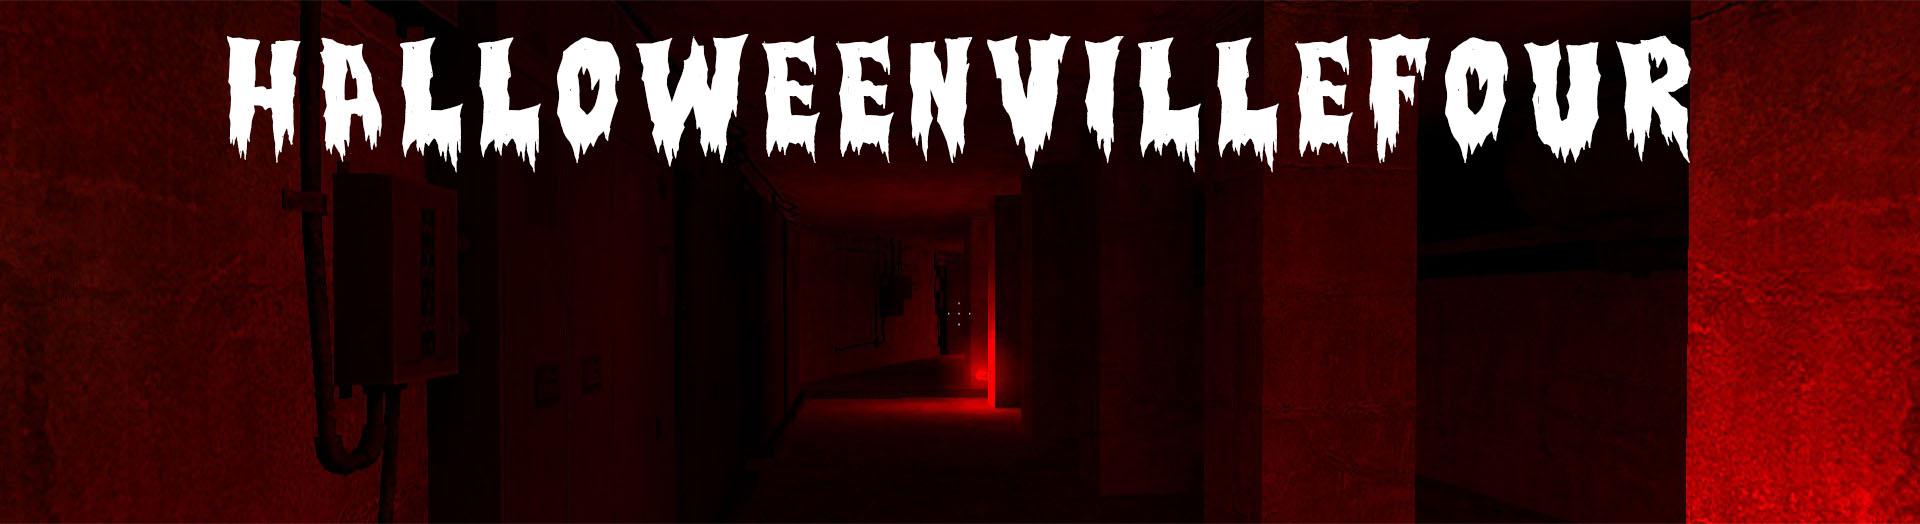 HalloweenVilleFour